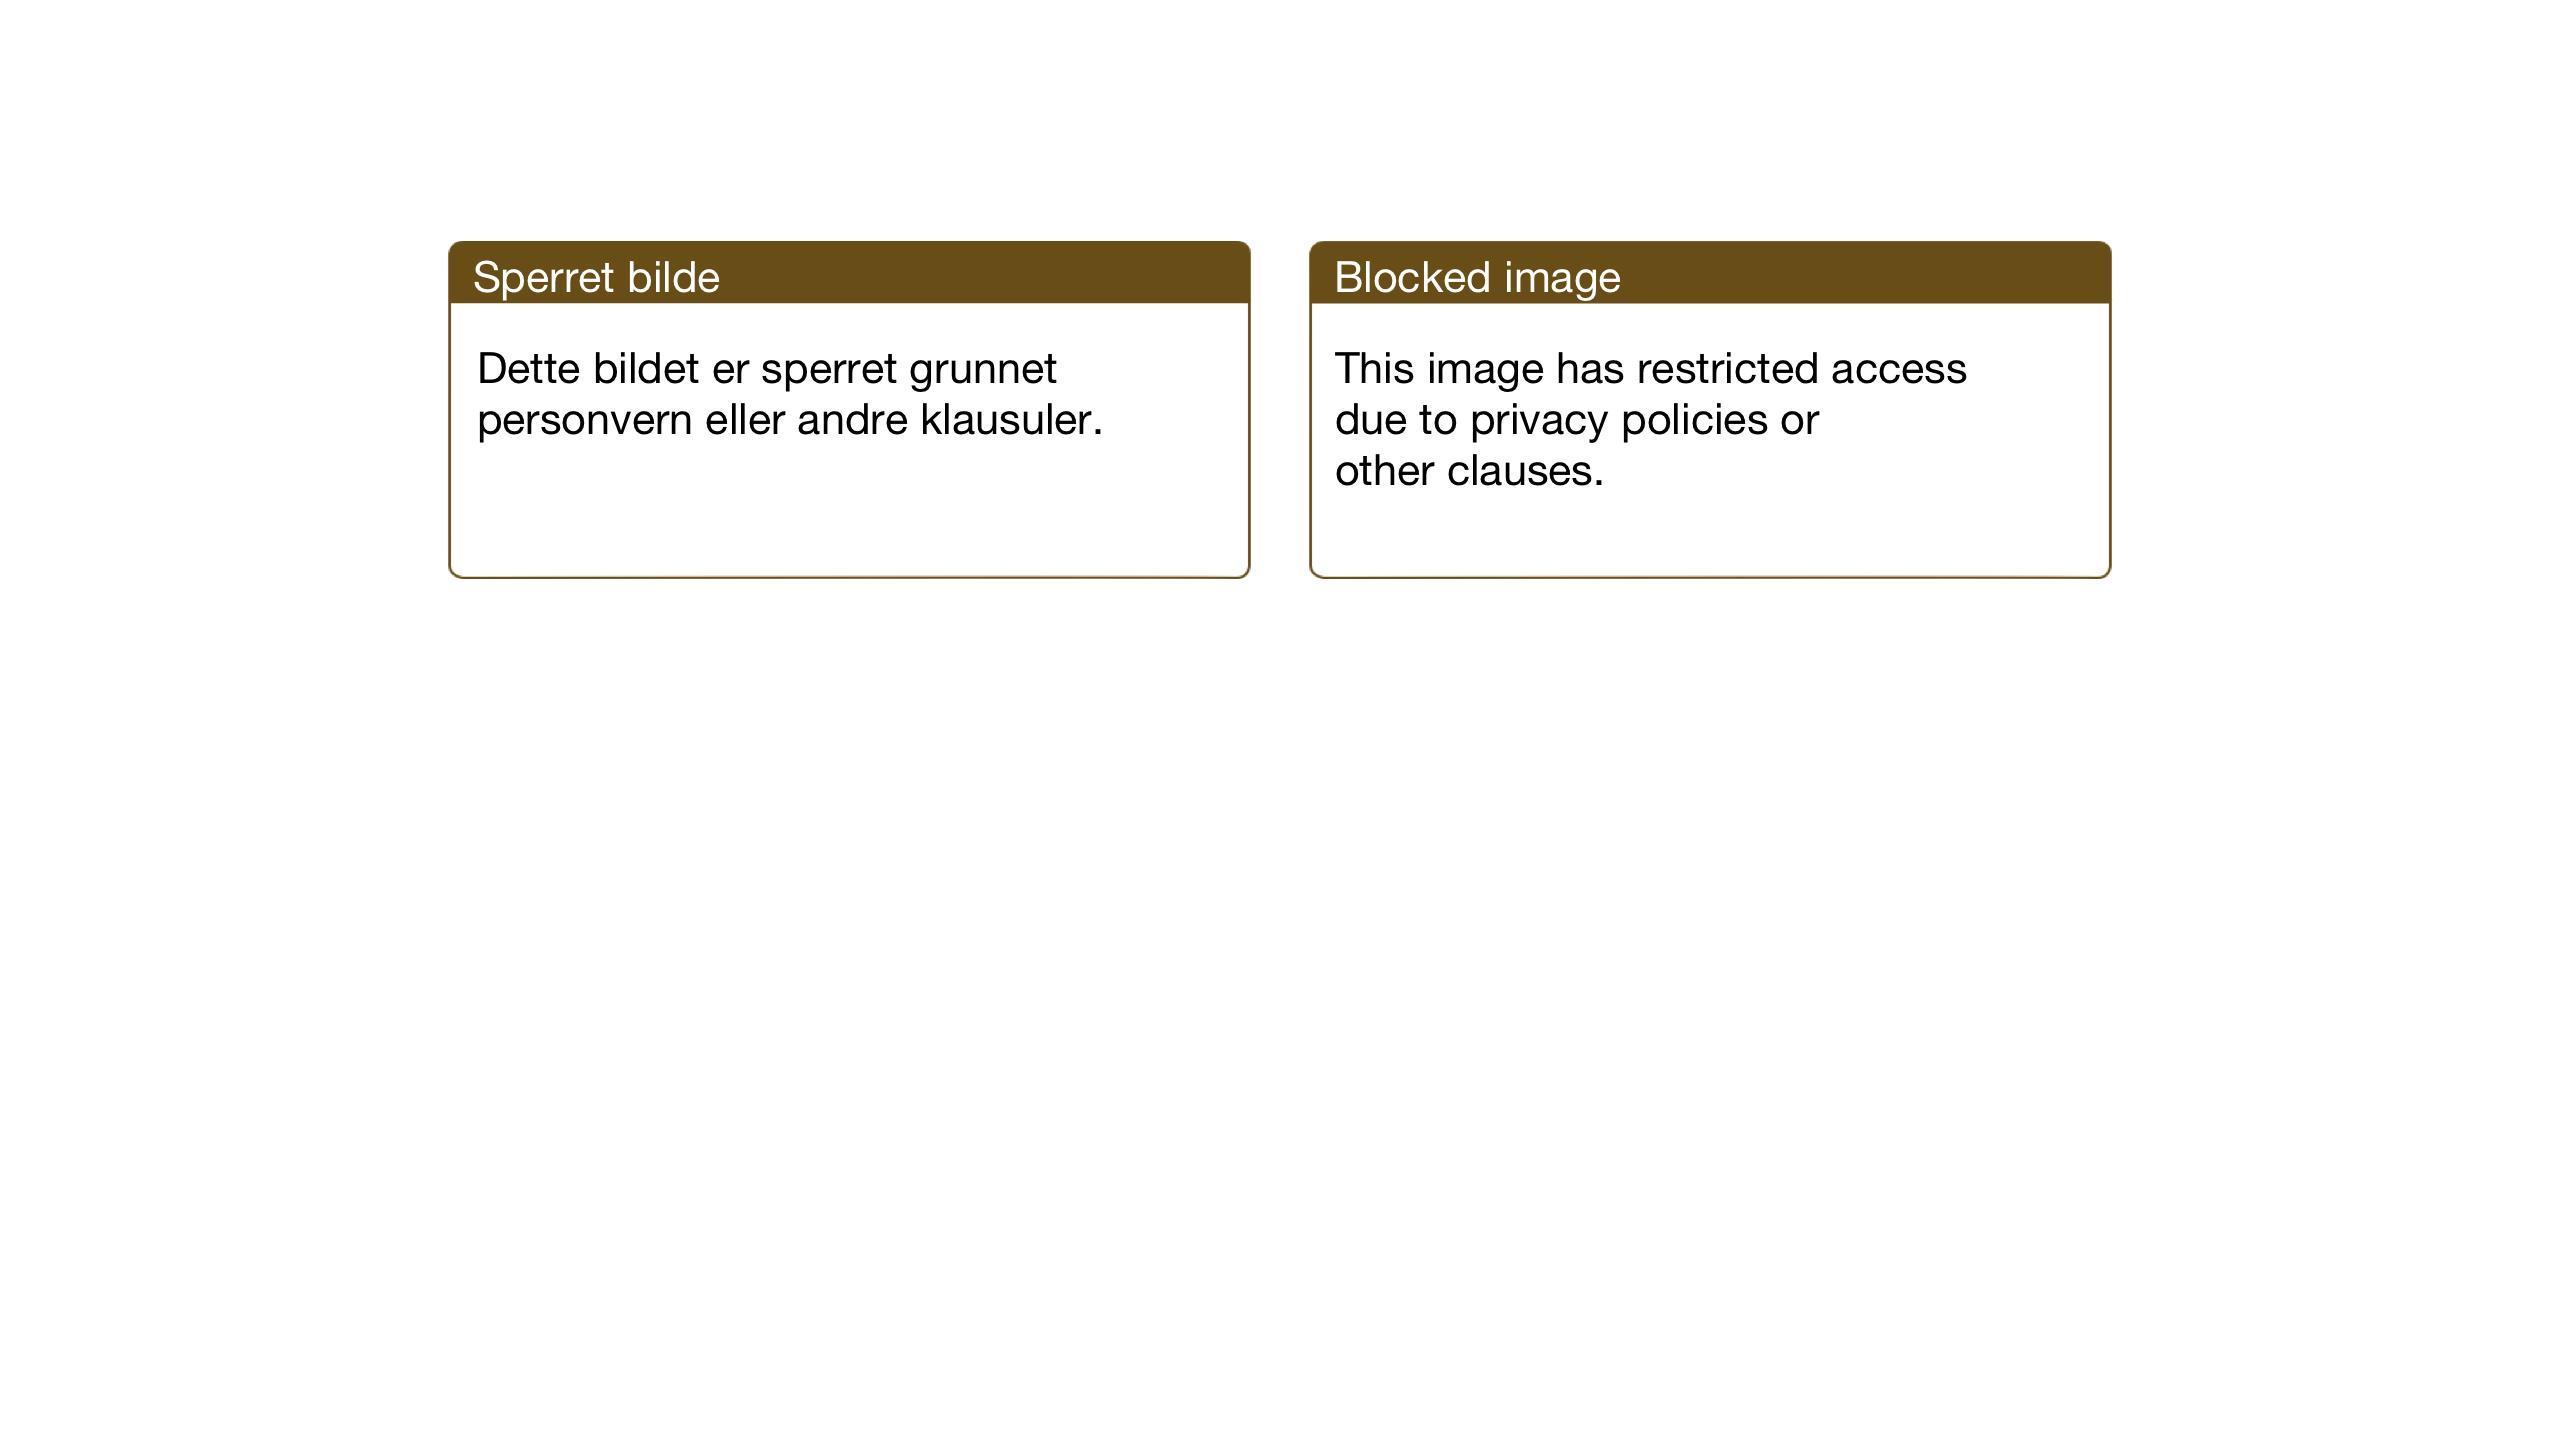 SAT, Ministerialprotokoller, klokkerbøker og fødselsregistre - Nord-Trøndelag, 774/L0631: Klokkerbok nr. 774C02, 1934-1950, s. 205